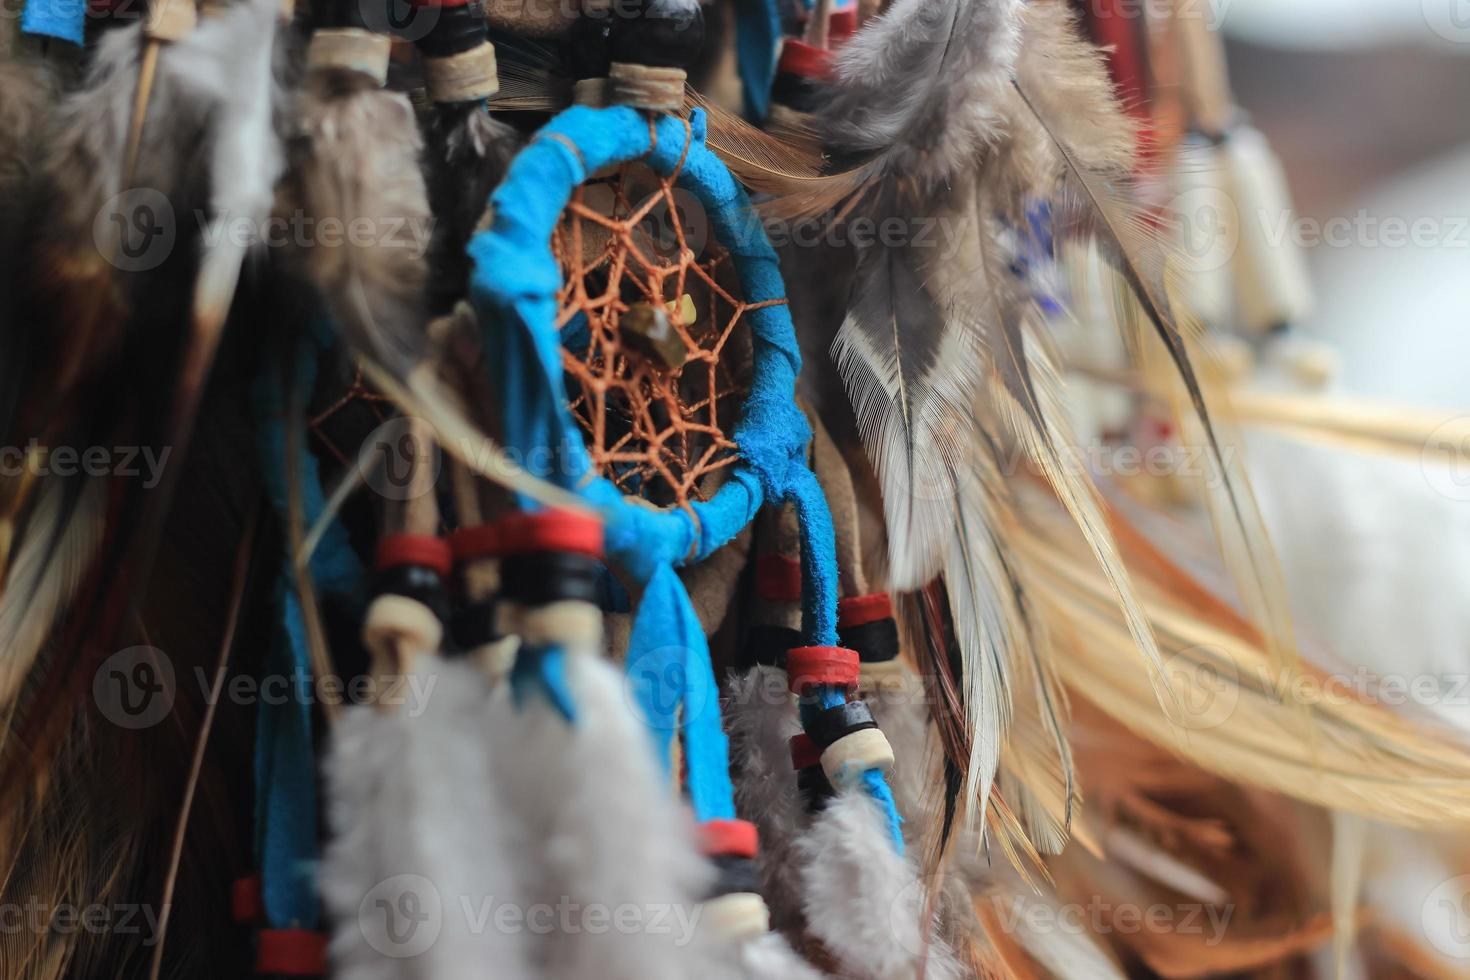 decoraties gemaakt door veer in souvenirwinkel in bali foto